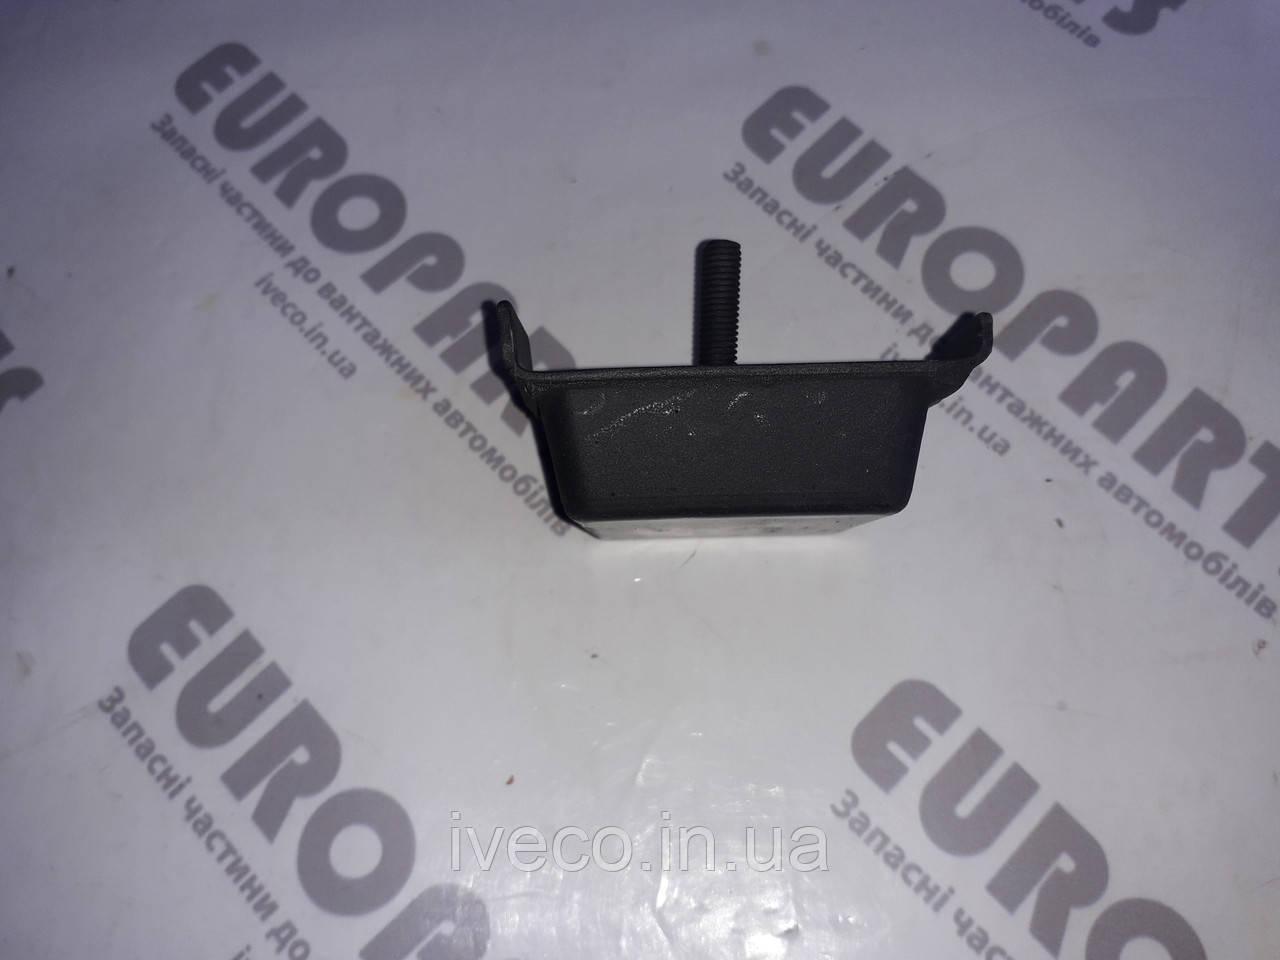 Буфер 120*76*57*8 рессоры IVECO Eurocargo Ивеко Еврокарго 98401286 FE35235 AUG 52998